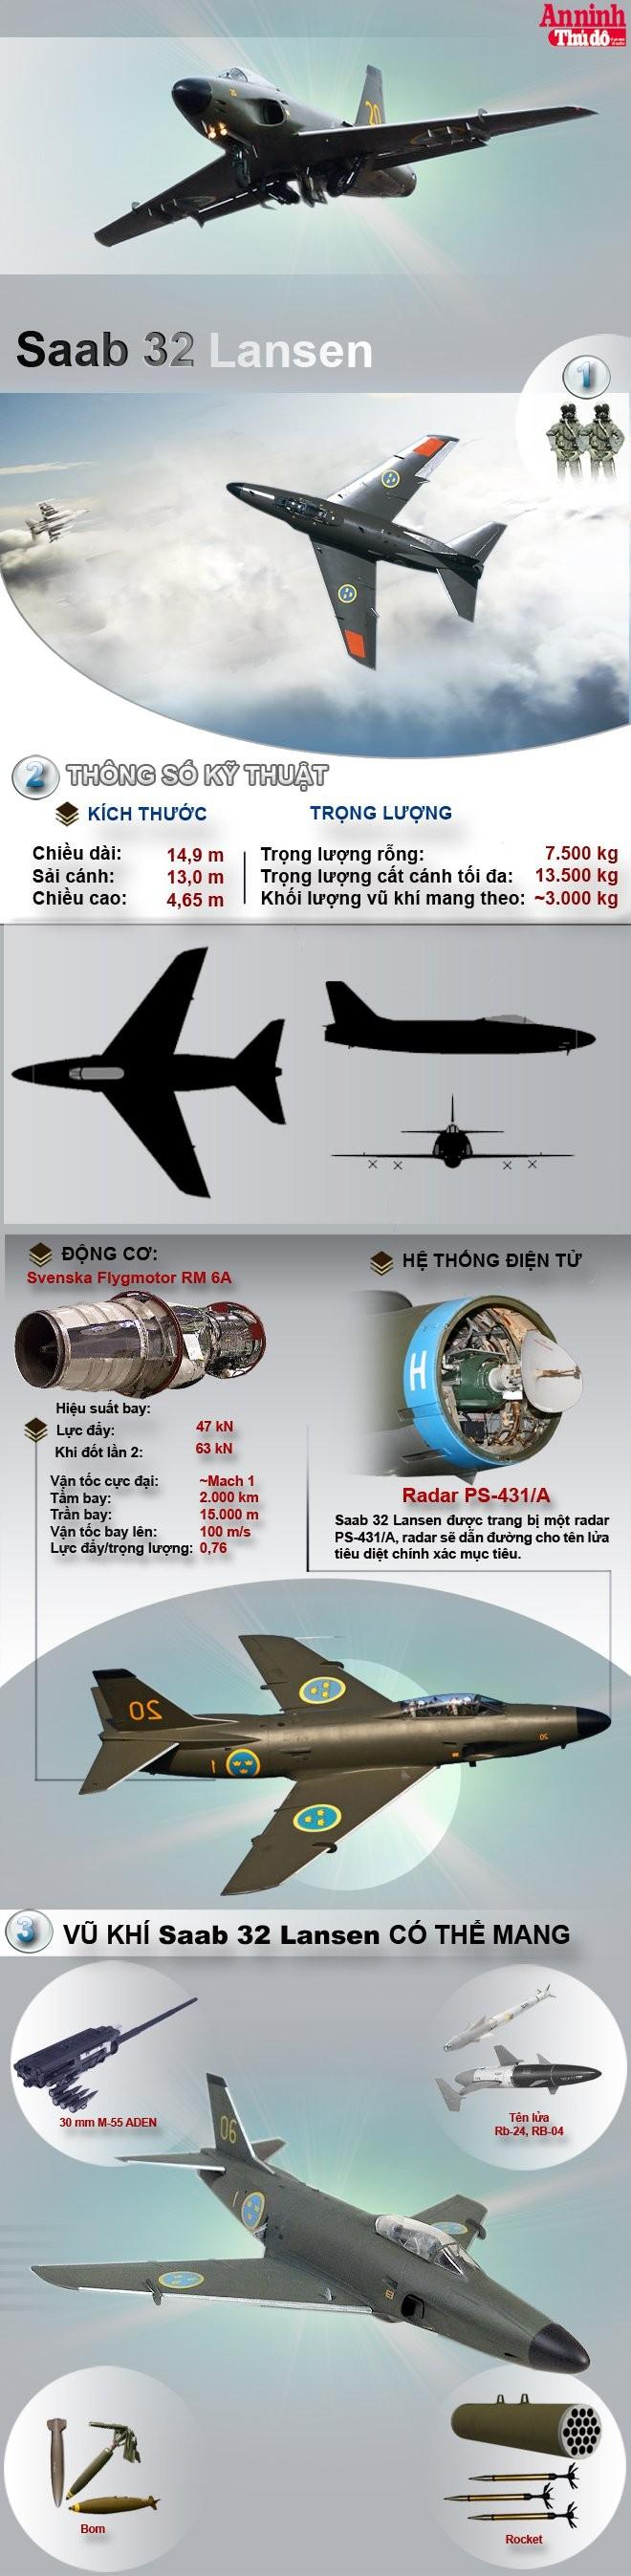 [Infographic] Saab 32 Lansen - Cường kích nổi tiếng của Thụy Điển